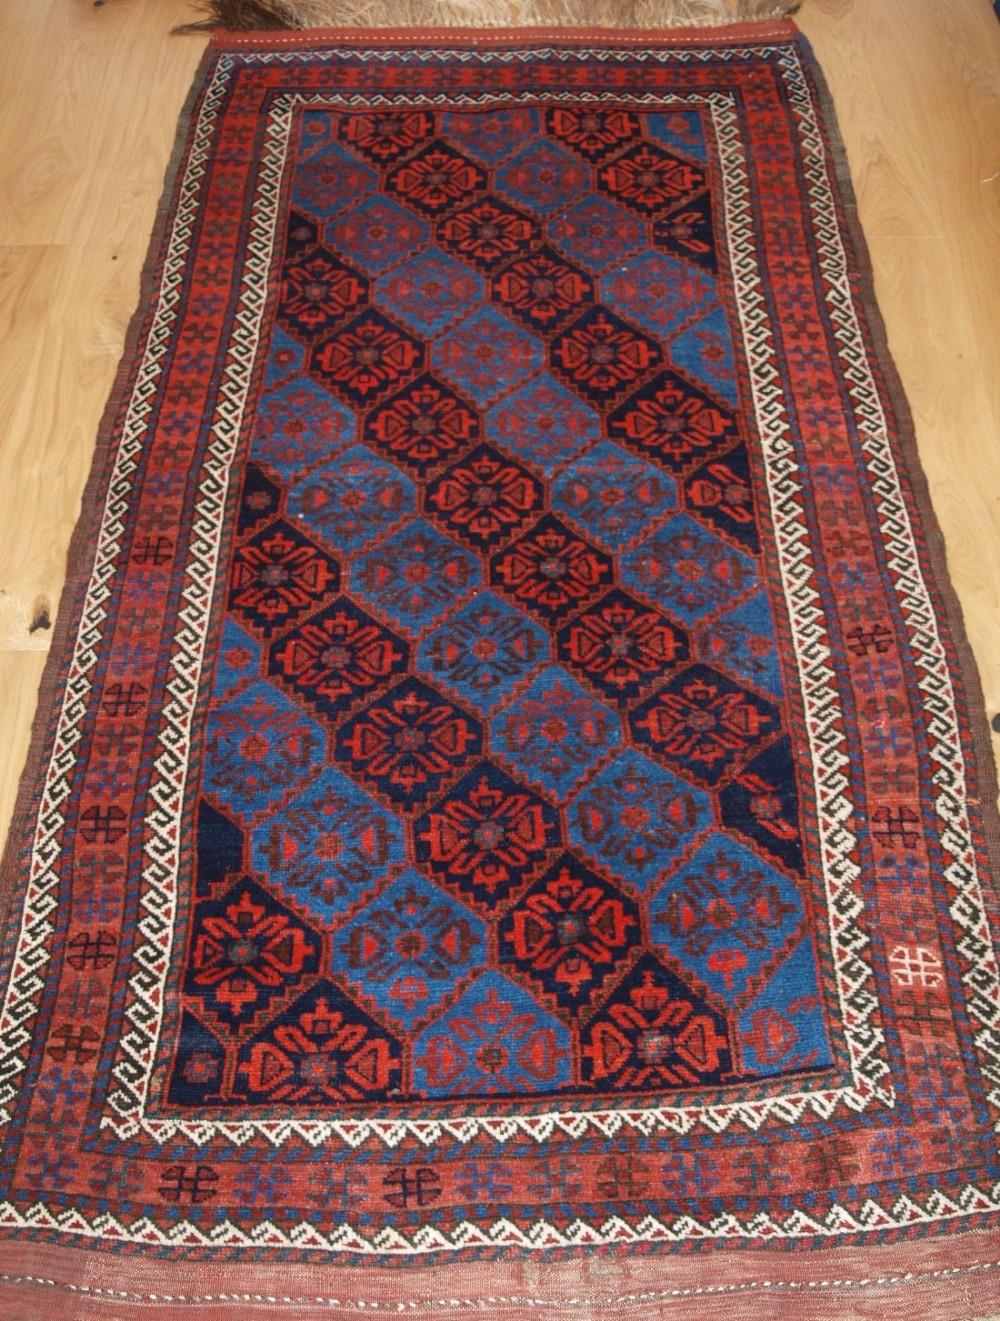 antique east persian kordi rug with lattice design and superb colour circa 1900